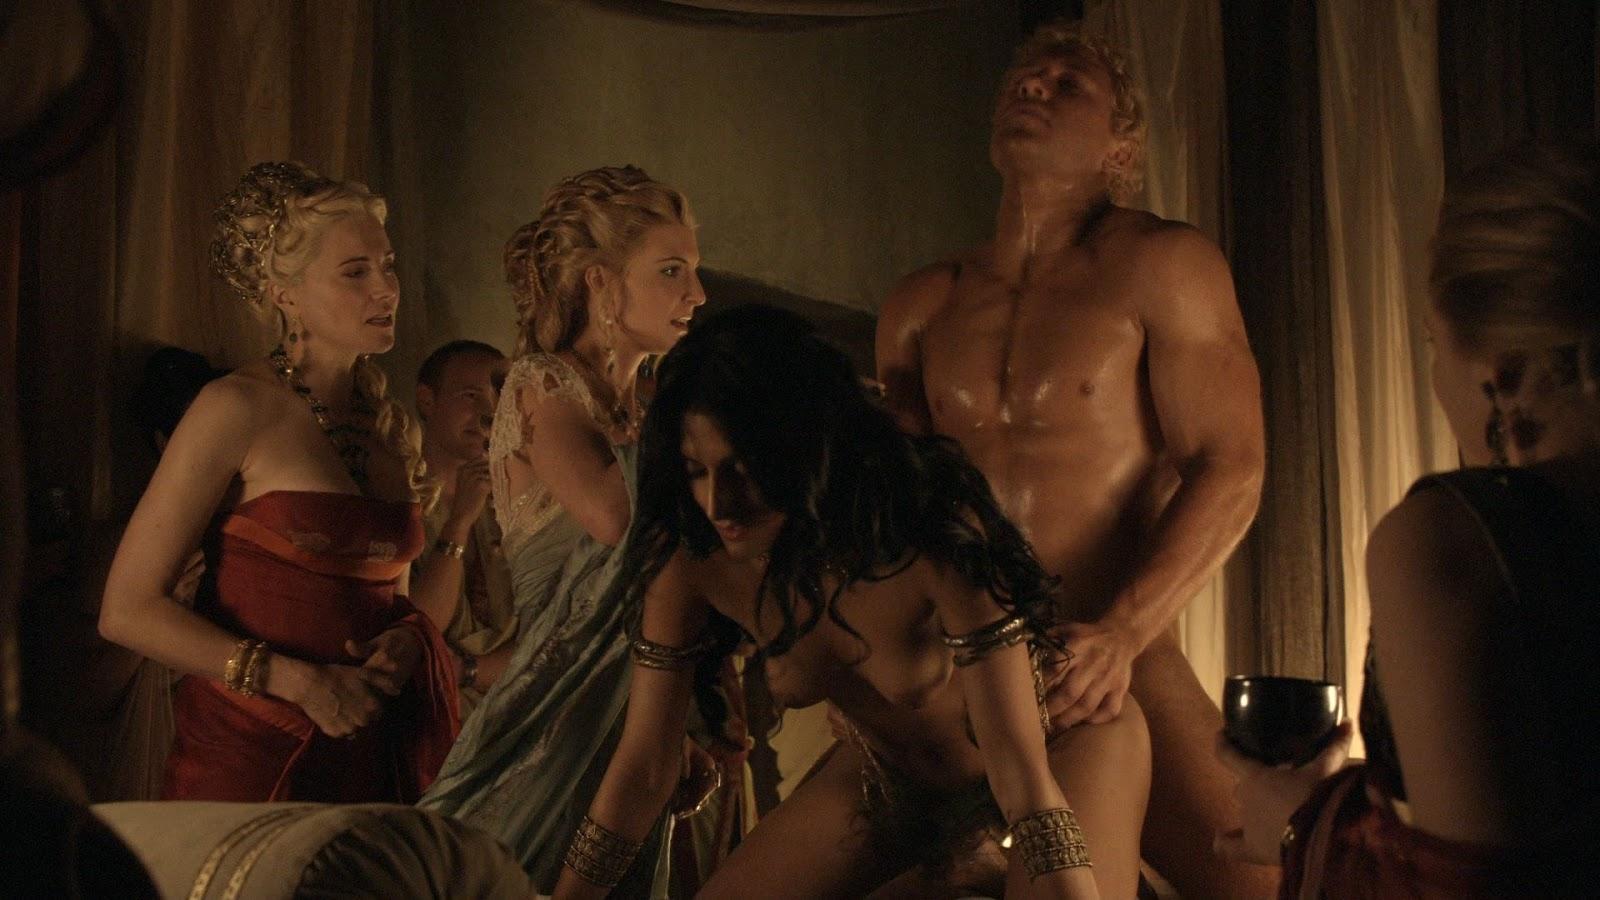 smotret-film-eroticheskie-gladiatori